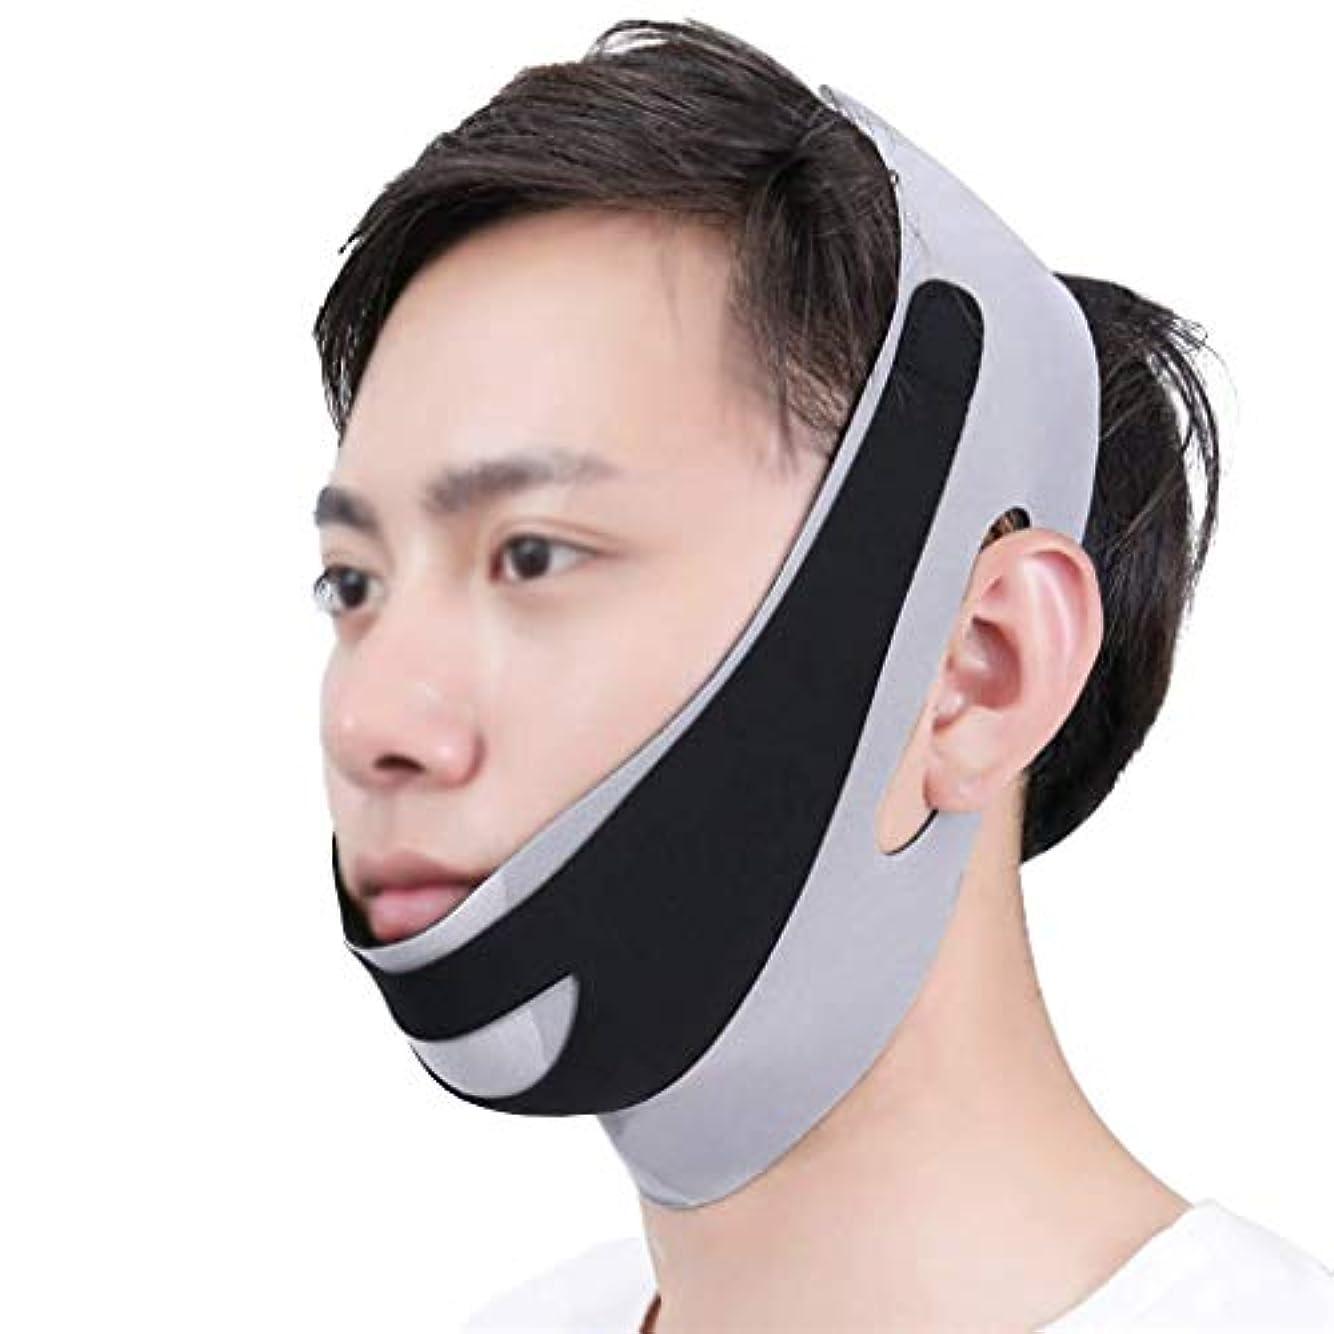 日没三十電気陽性顔と首のリフト術後弾性顔マスク小V顔アーティファクト薄い顔包帯アーティファクトV顔吊り耳リフティング引き締め男性の顔アーティファクト